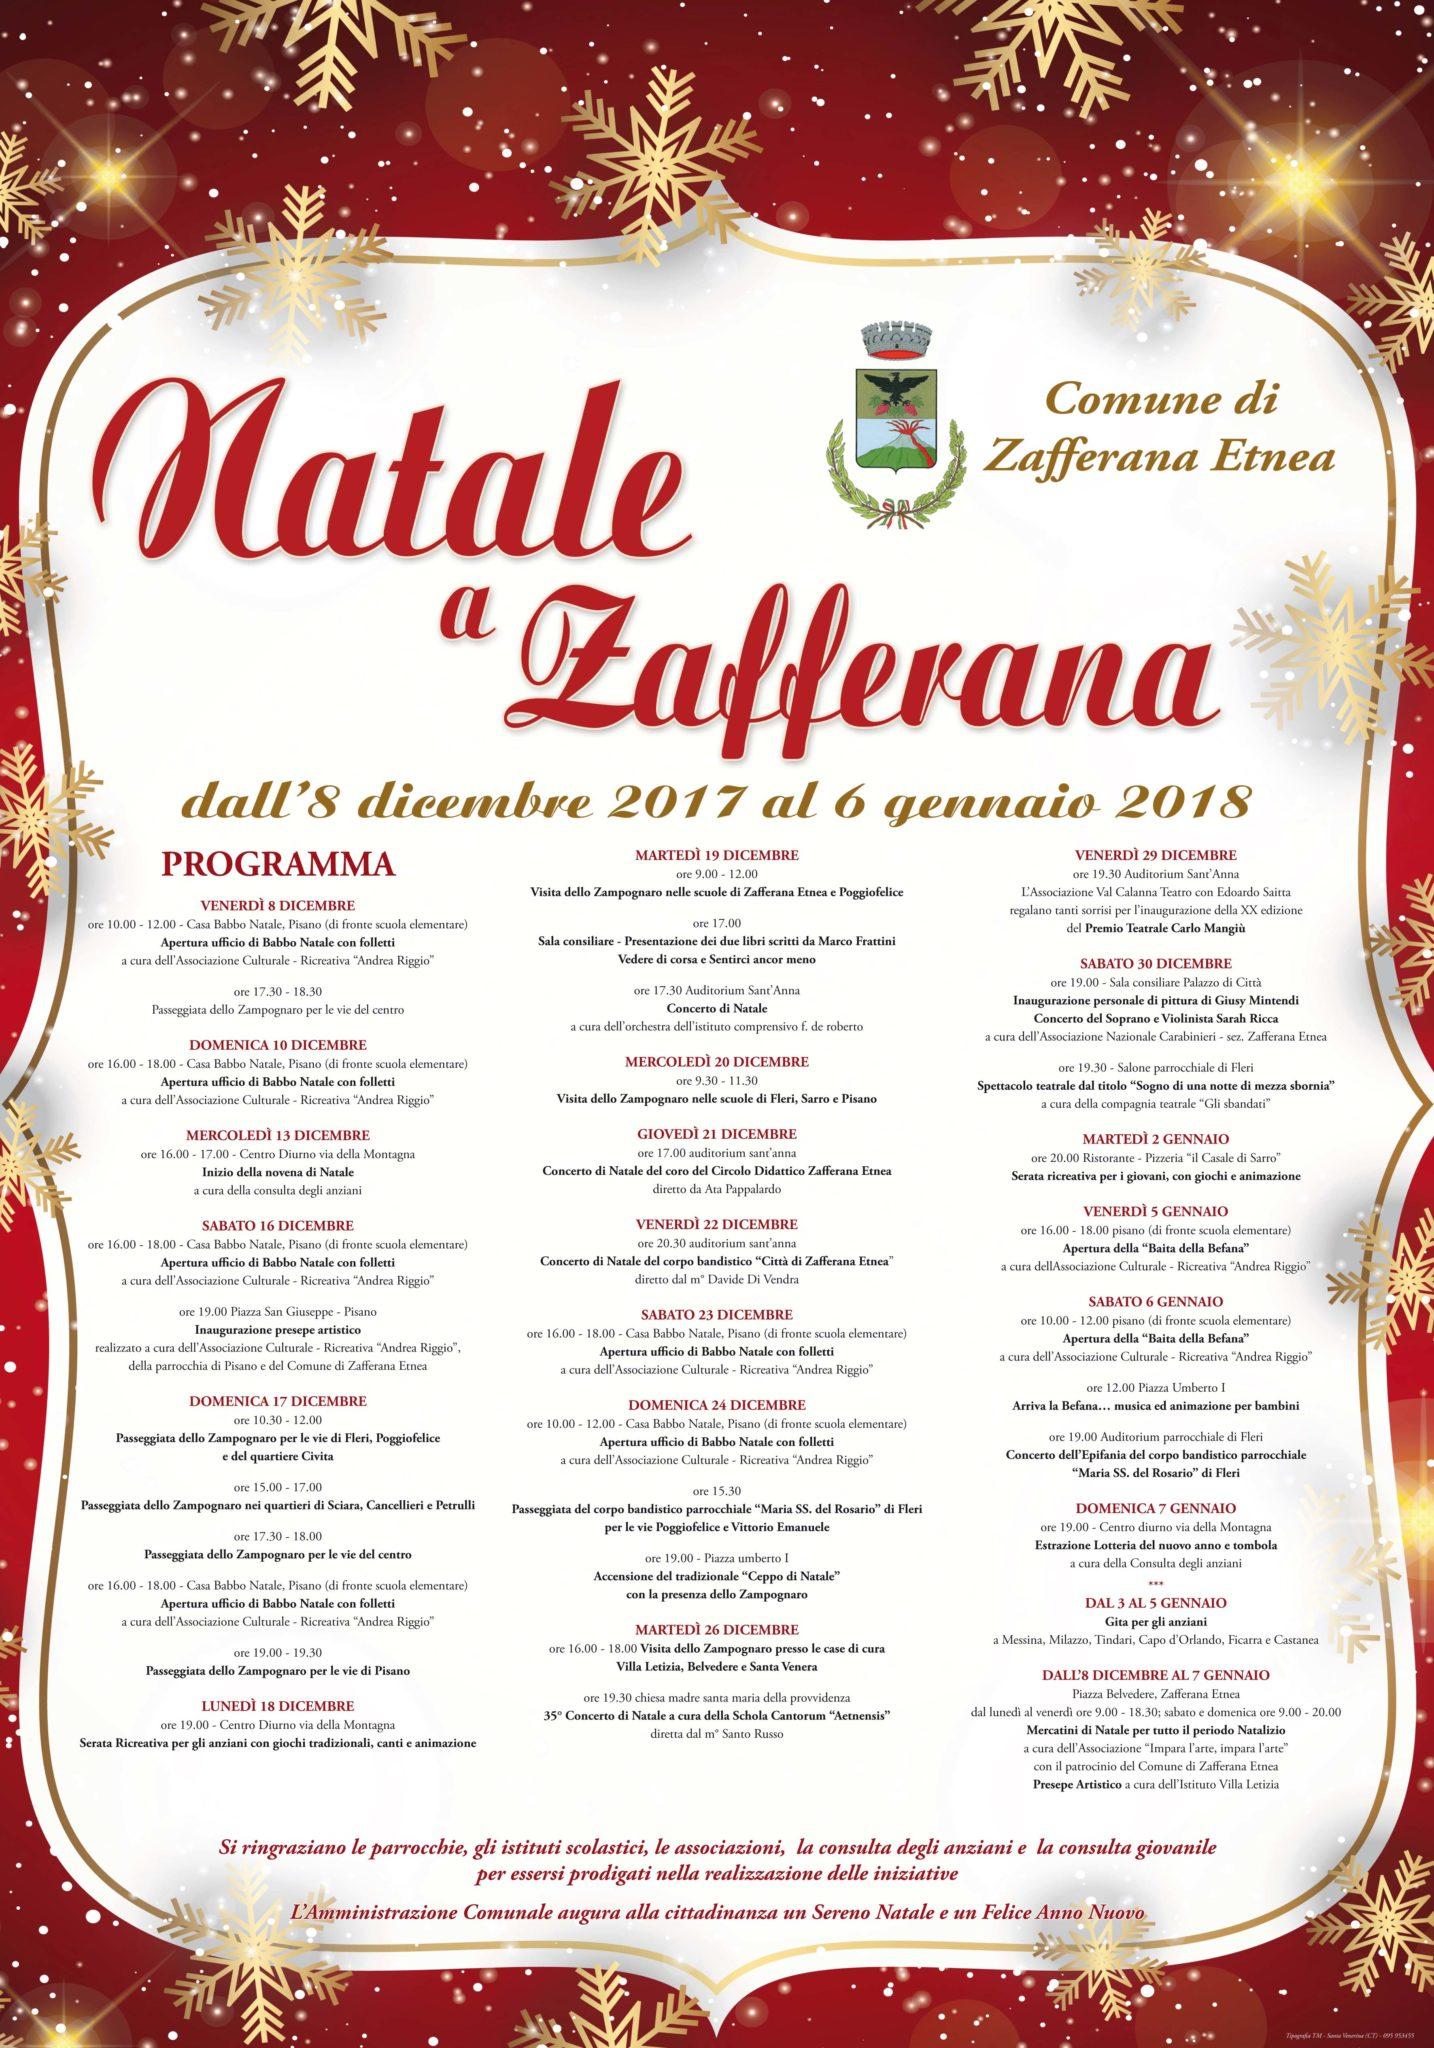 Auguri Di Natale In Dialetto Siciliano.Natale In Sicilia